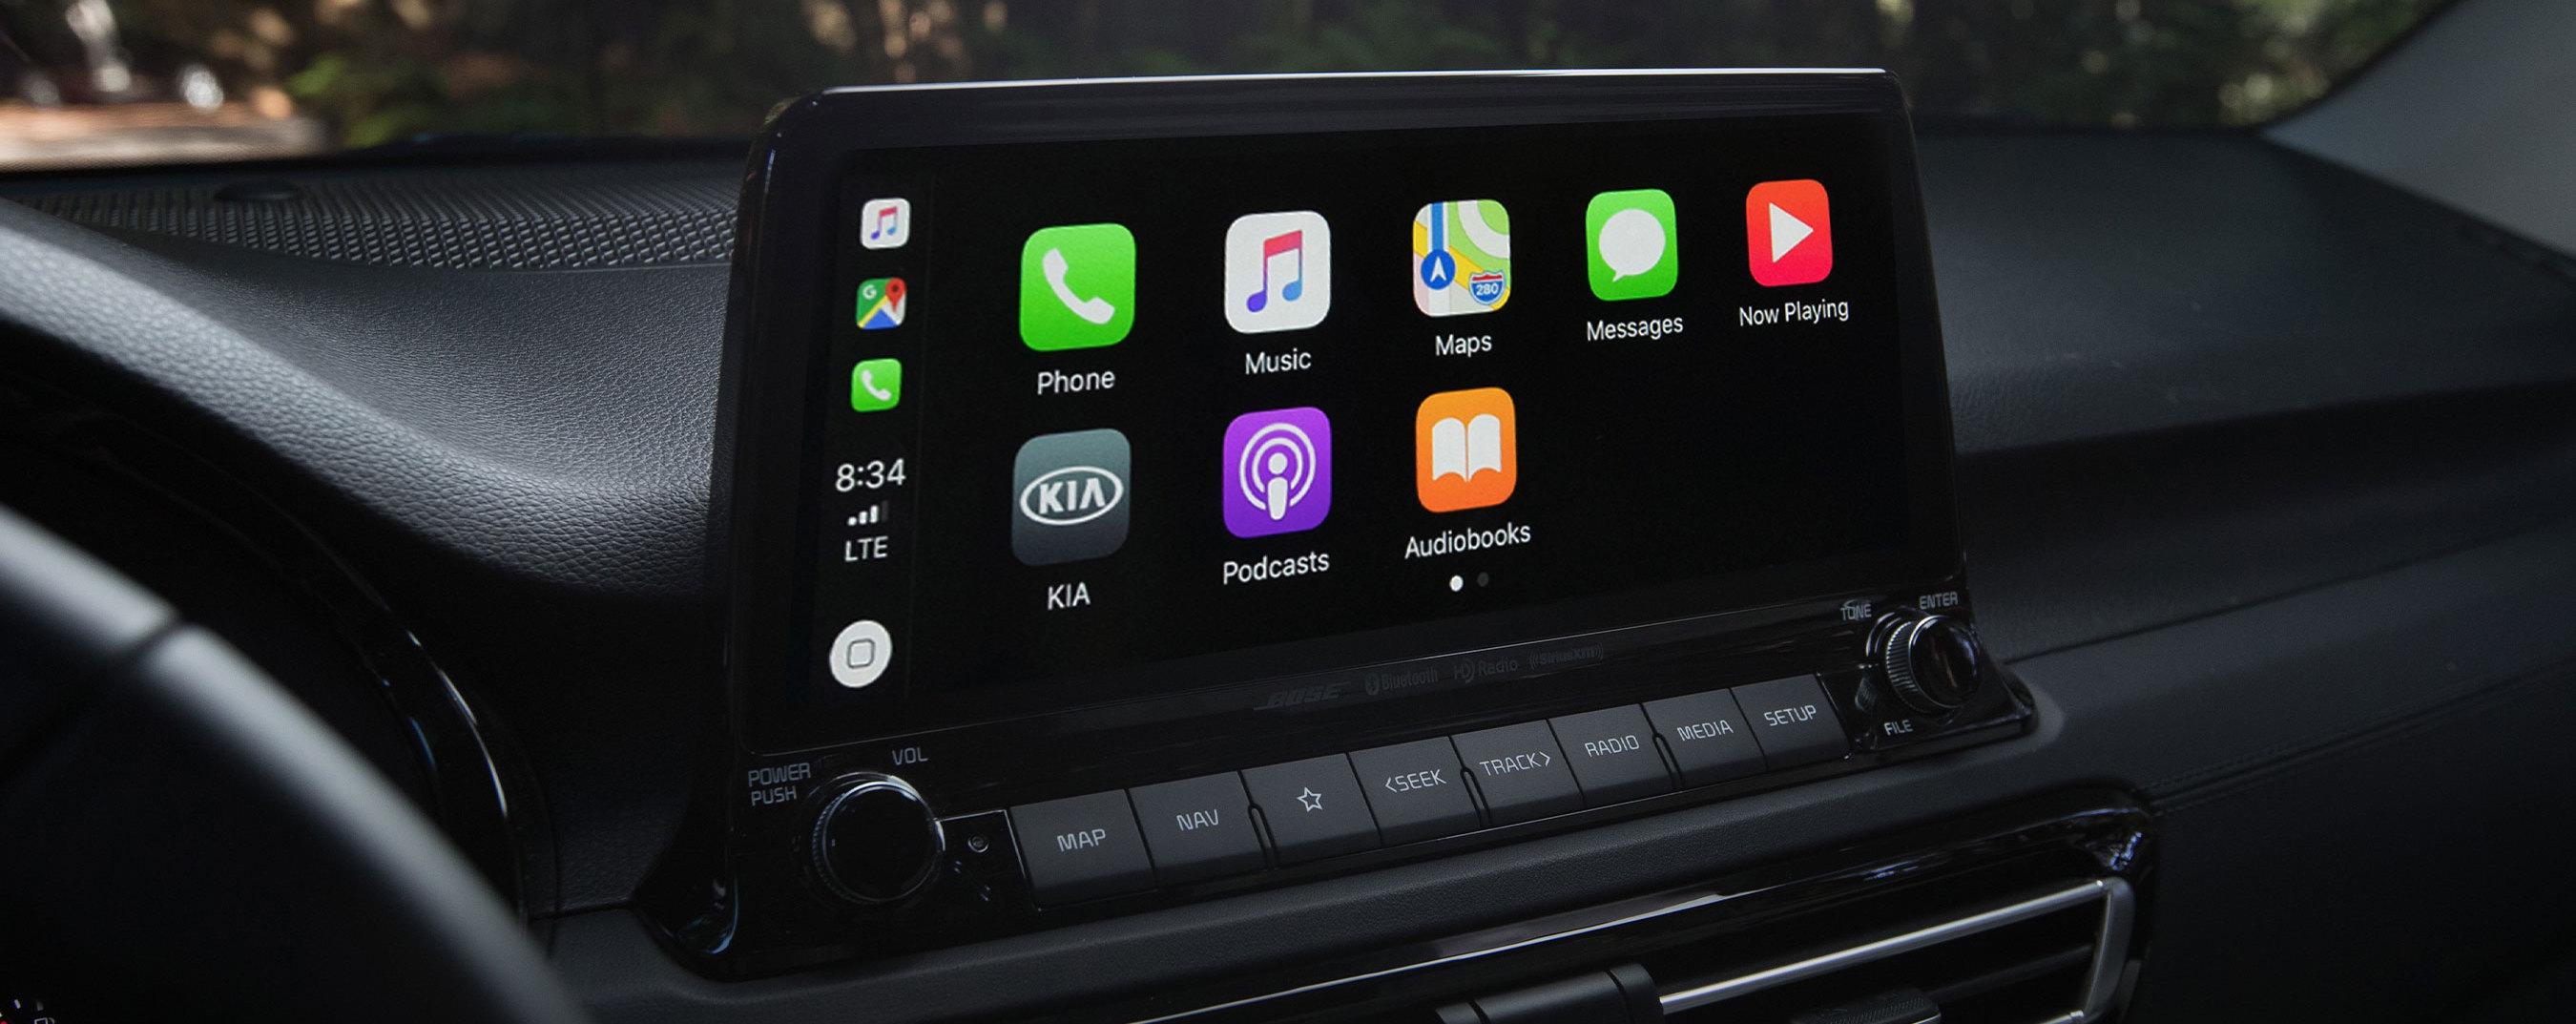 Touchscreen in the 2021 Seltos